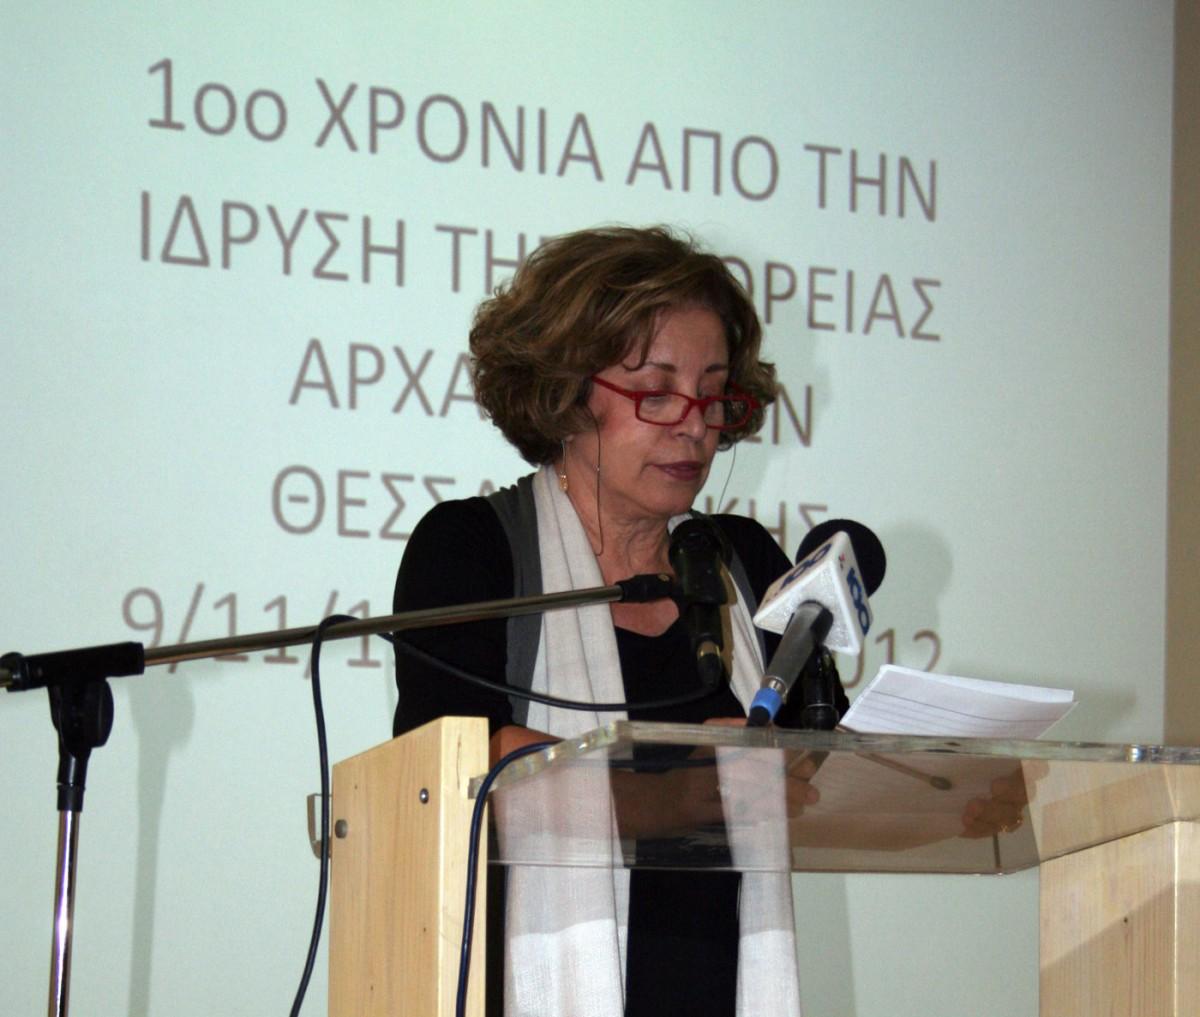 Η Μαρία Ανδρεαδάκη-Βλαζάκη (φωτ. ΑΠΕ-ΜΠΕ).